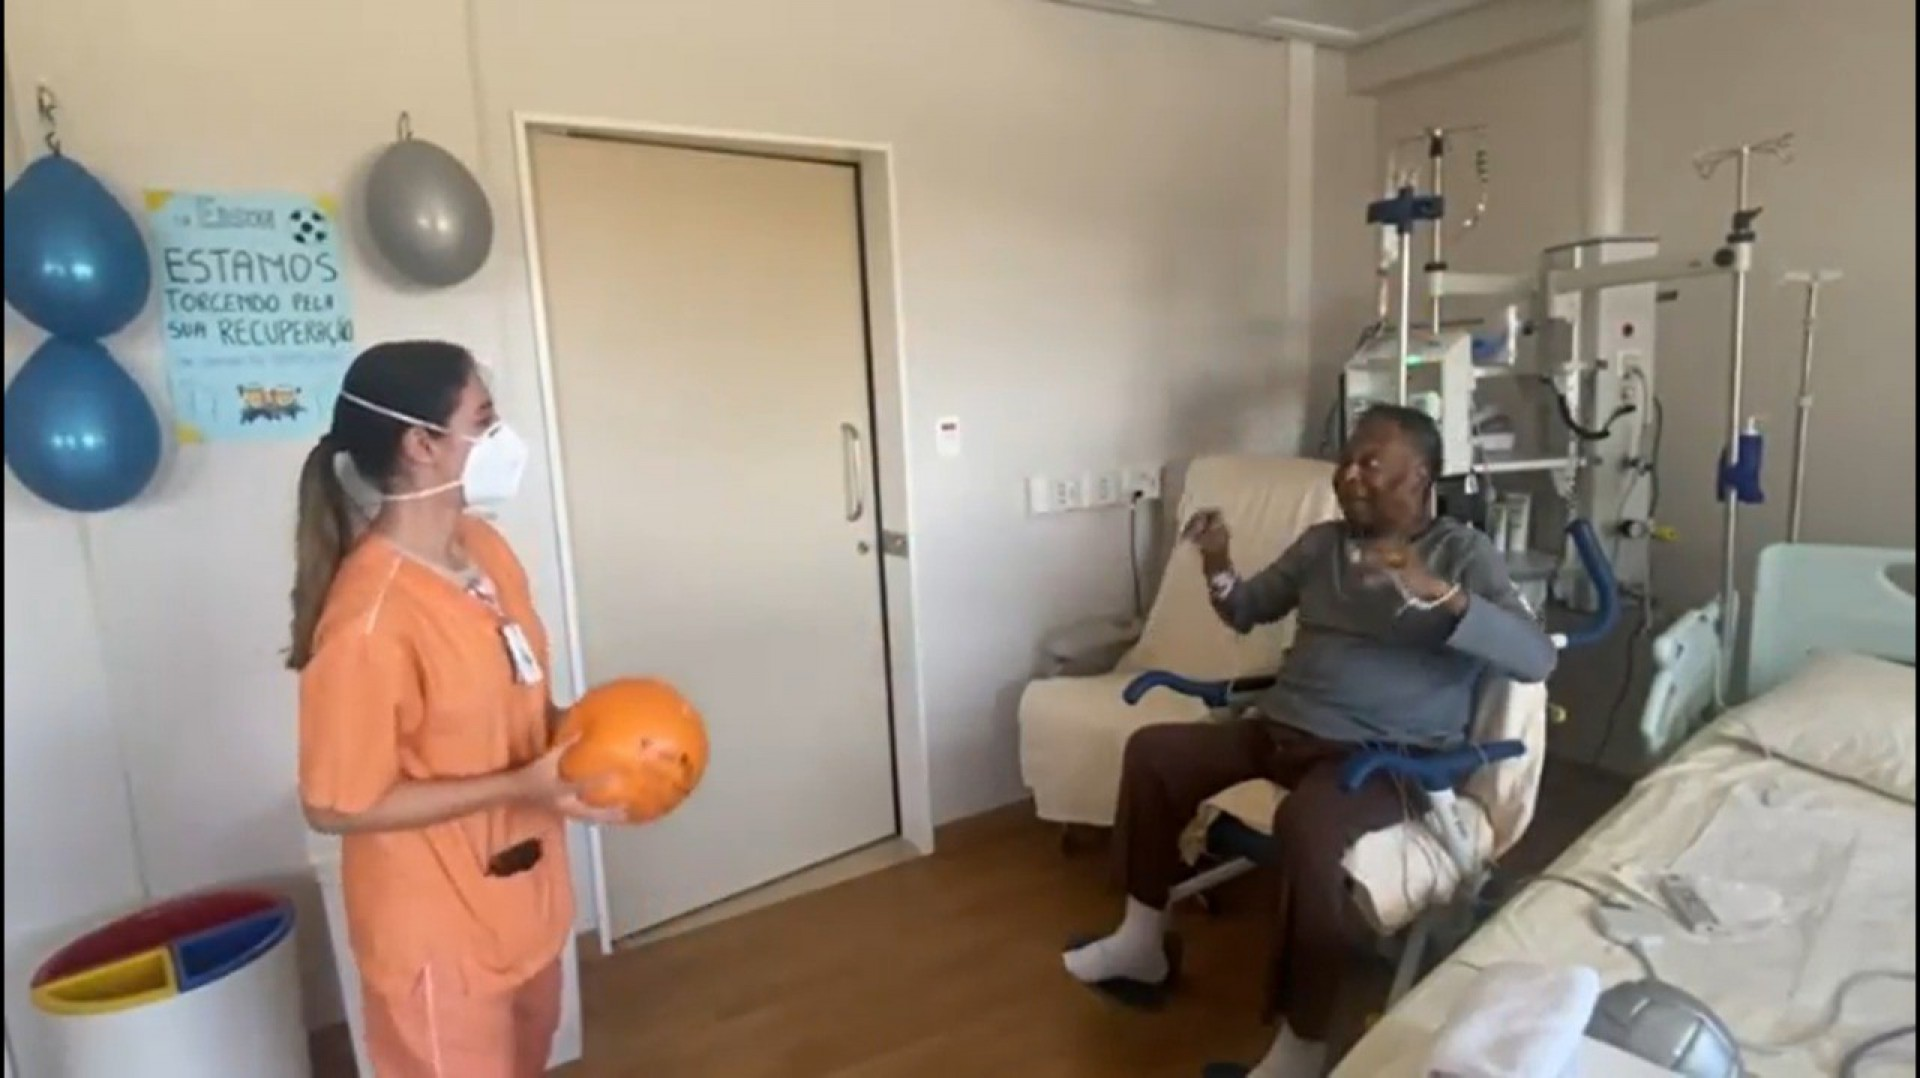 Pelé publica vídeo de exercício com bola em hospital e destaca: 'Aquecimento para voltar aos gramados'